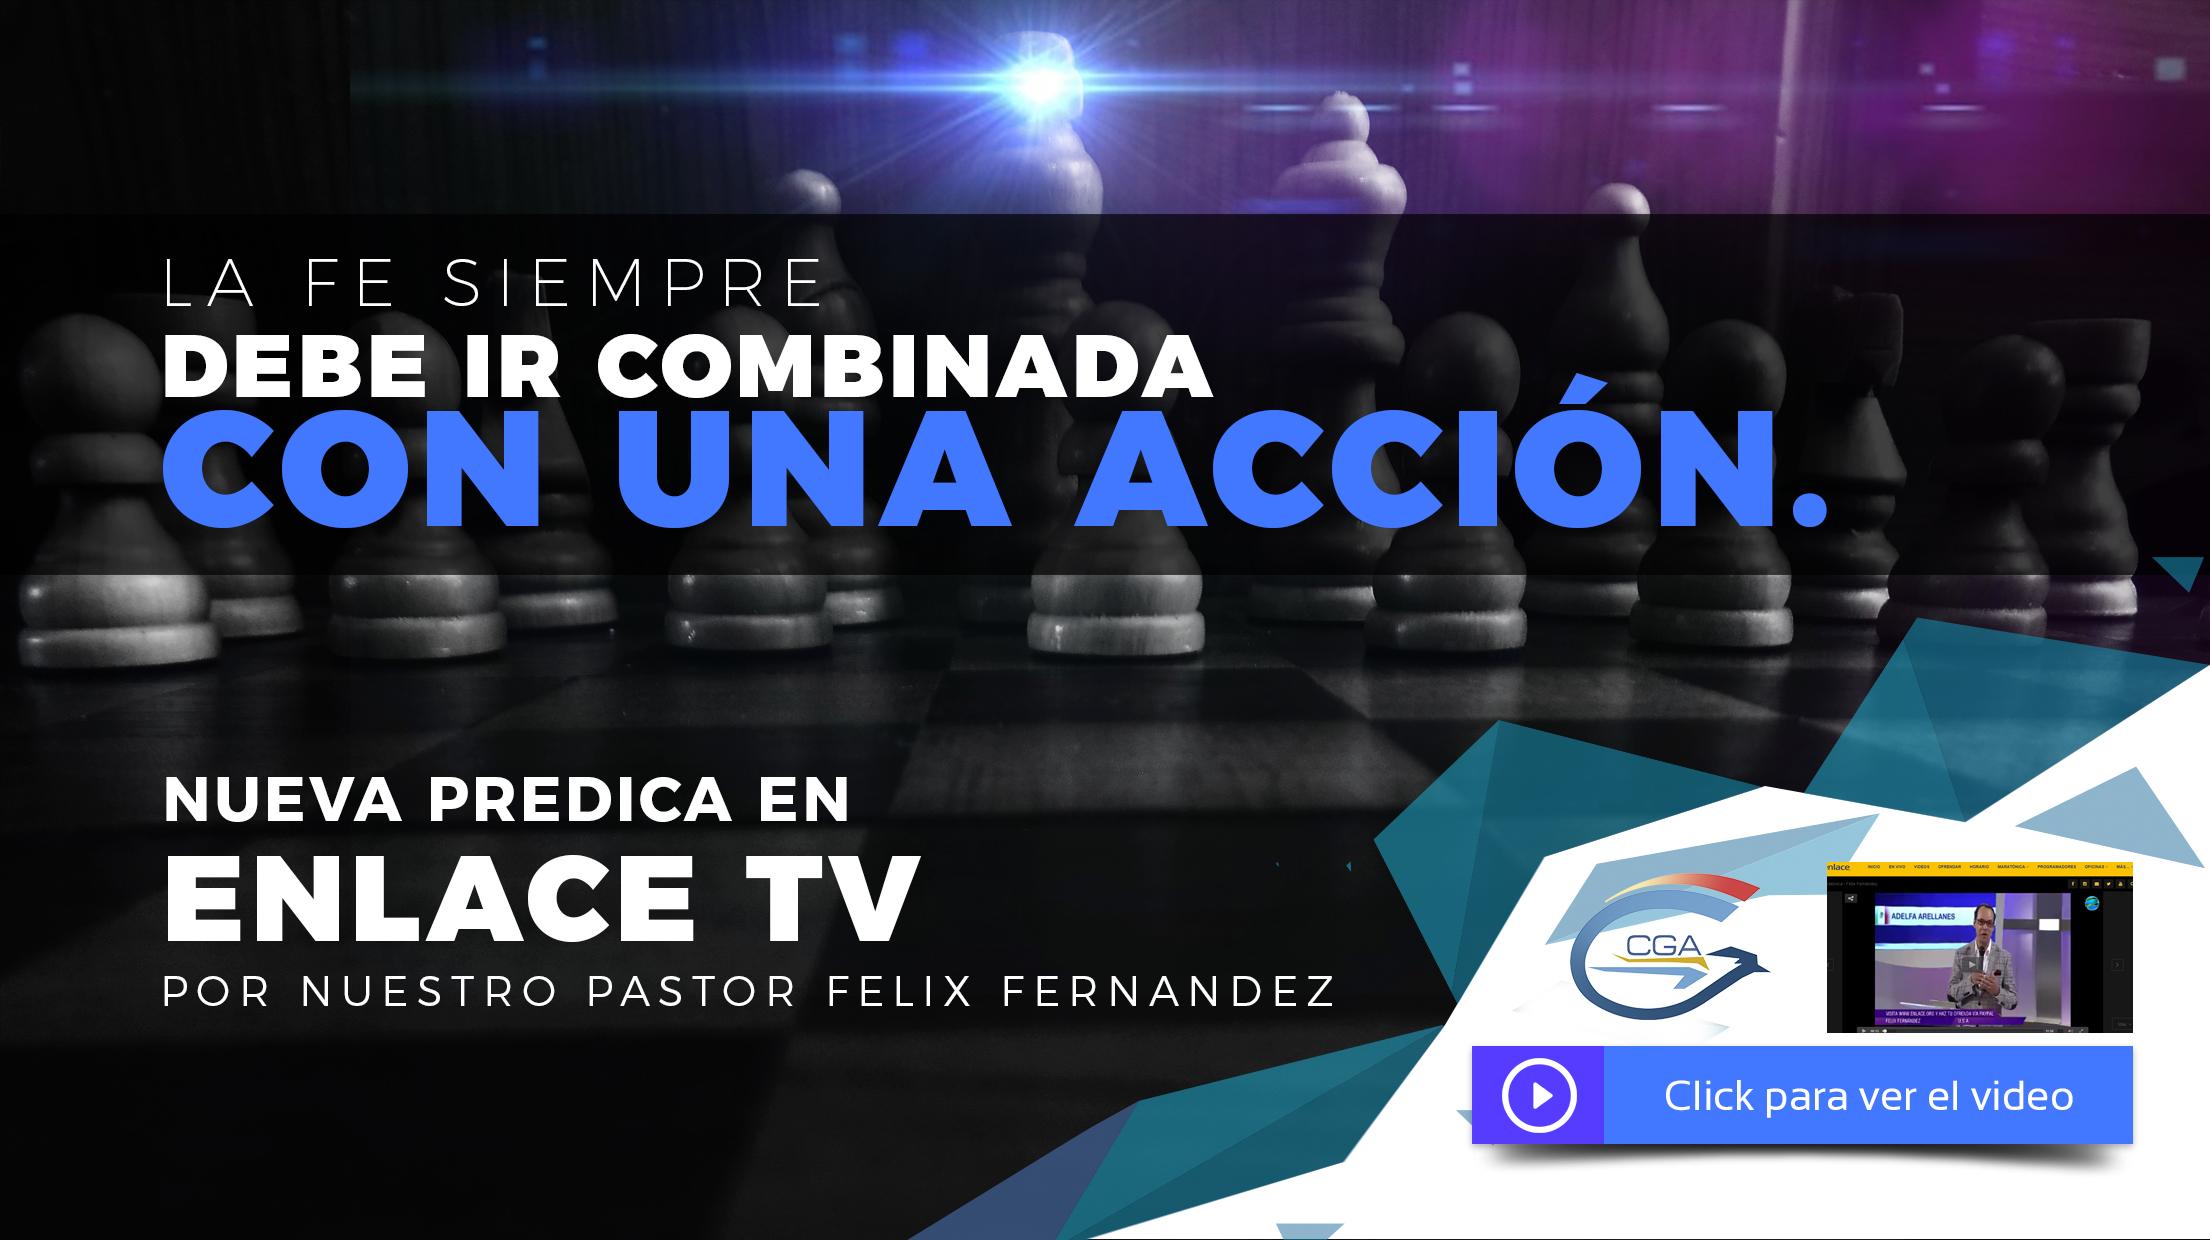 Centro Global de Avivamiento -  Predica Enlace TV